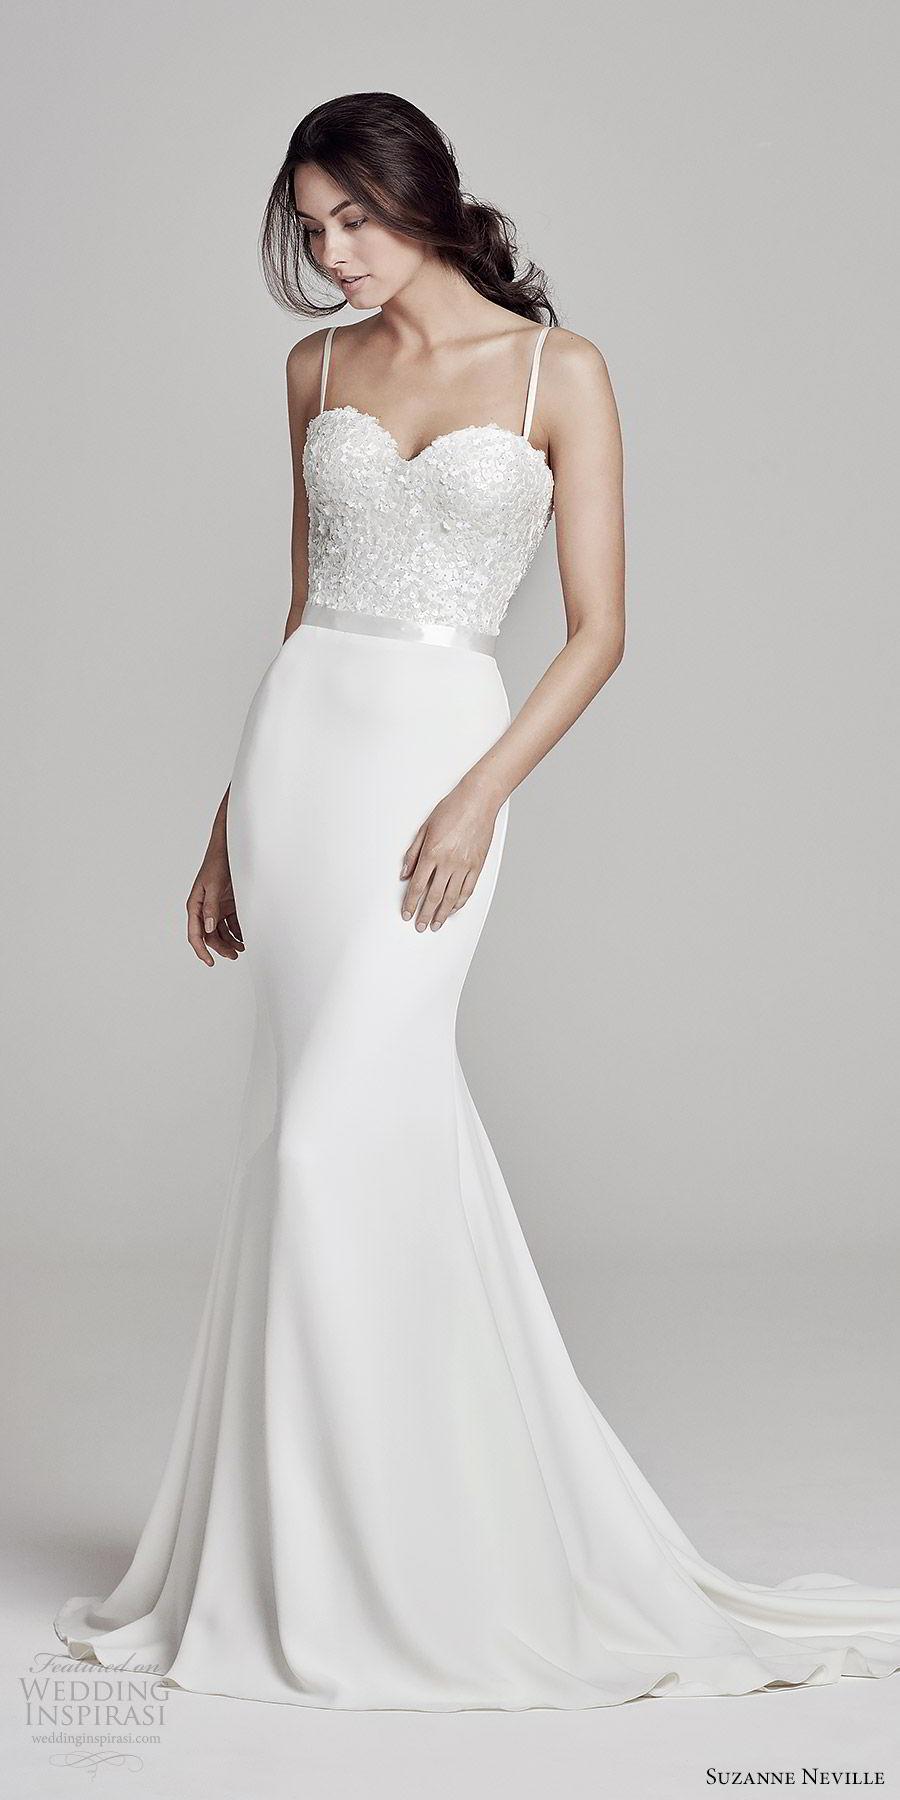 suzanne neville bridal 2019 sleeveless thin straps sweetheart embellished bodice sheath wedding dress (bronte) chapel train elegant chic mv